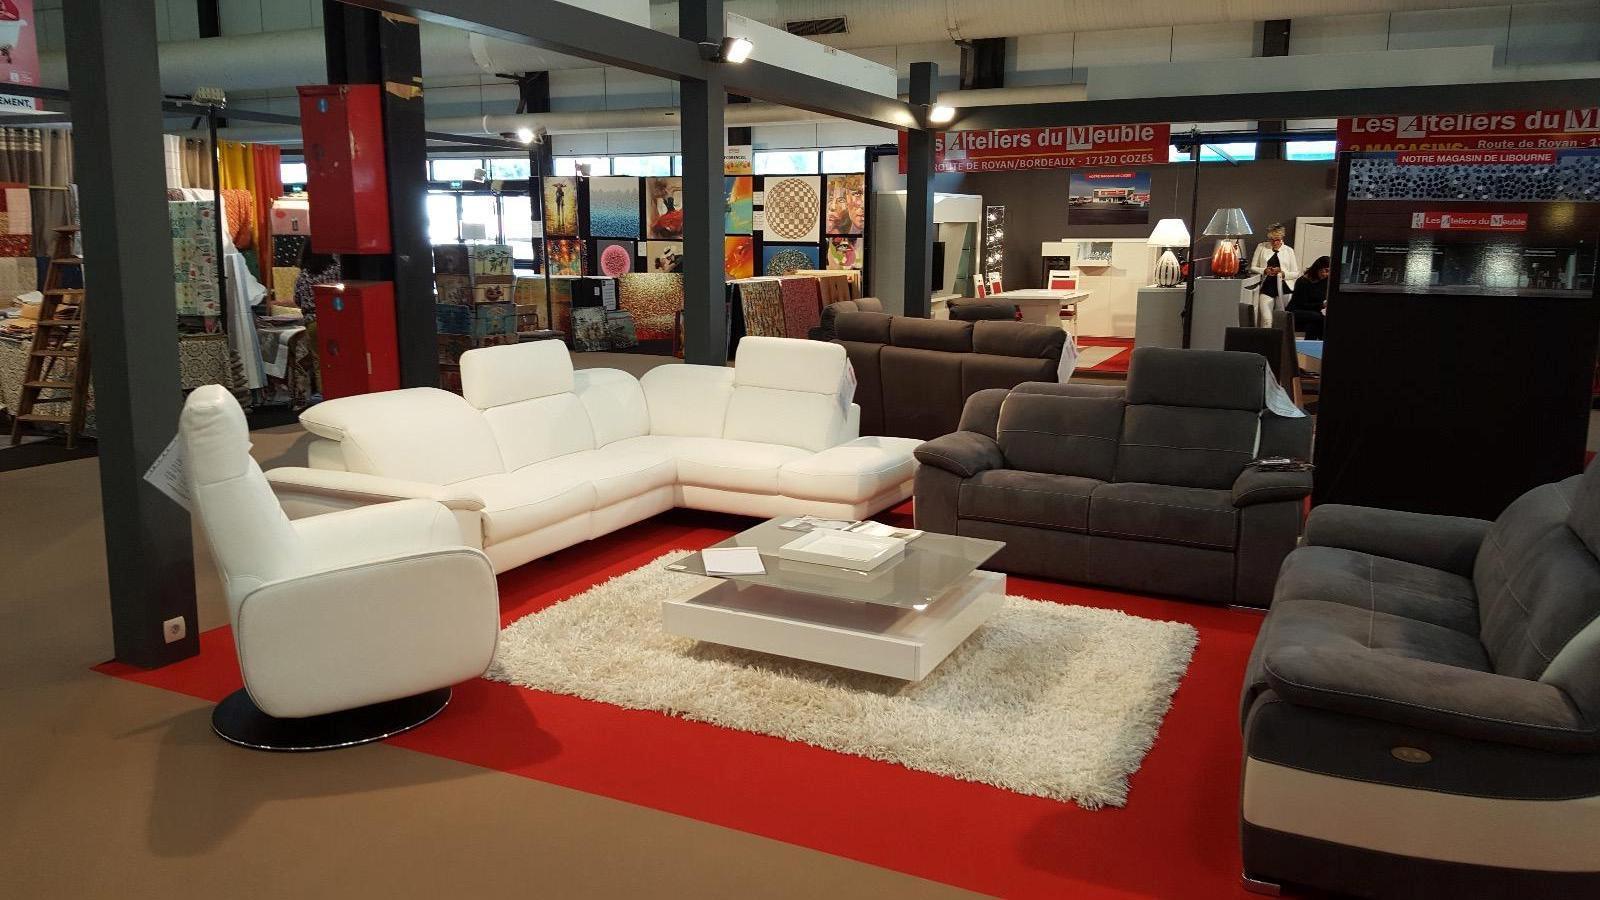 photos les ateliers du meuble a royan 17